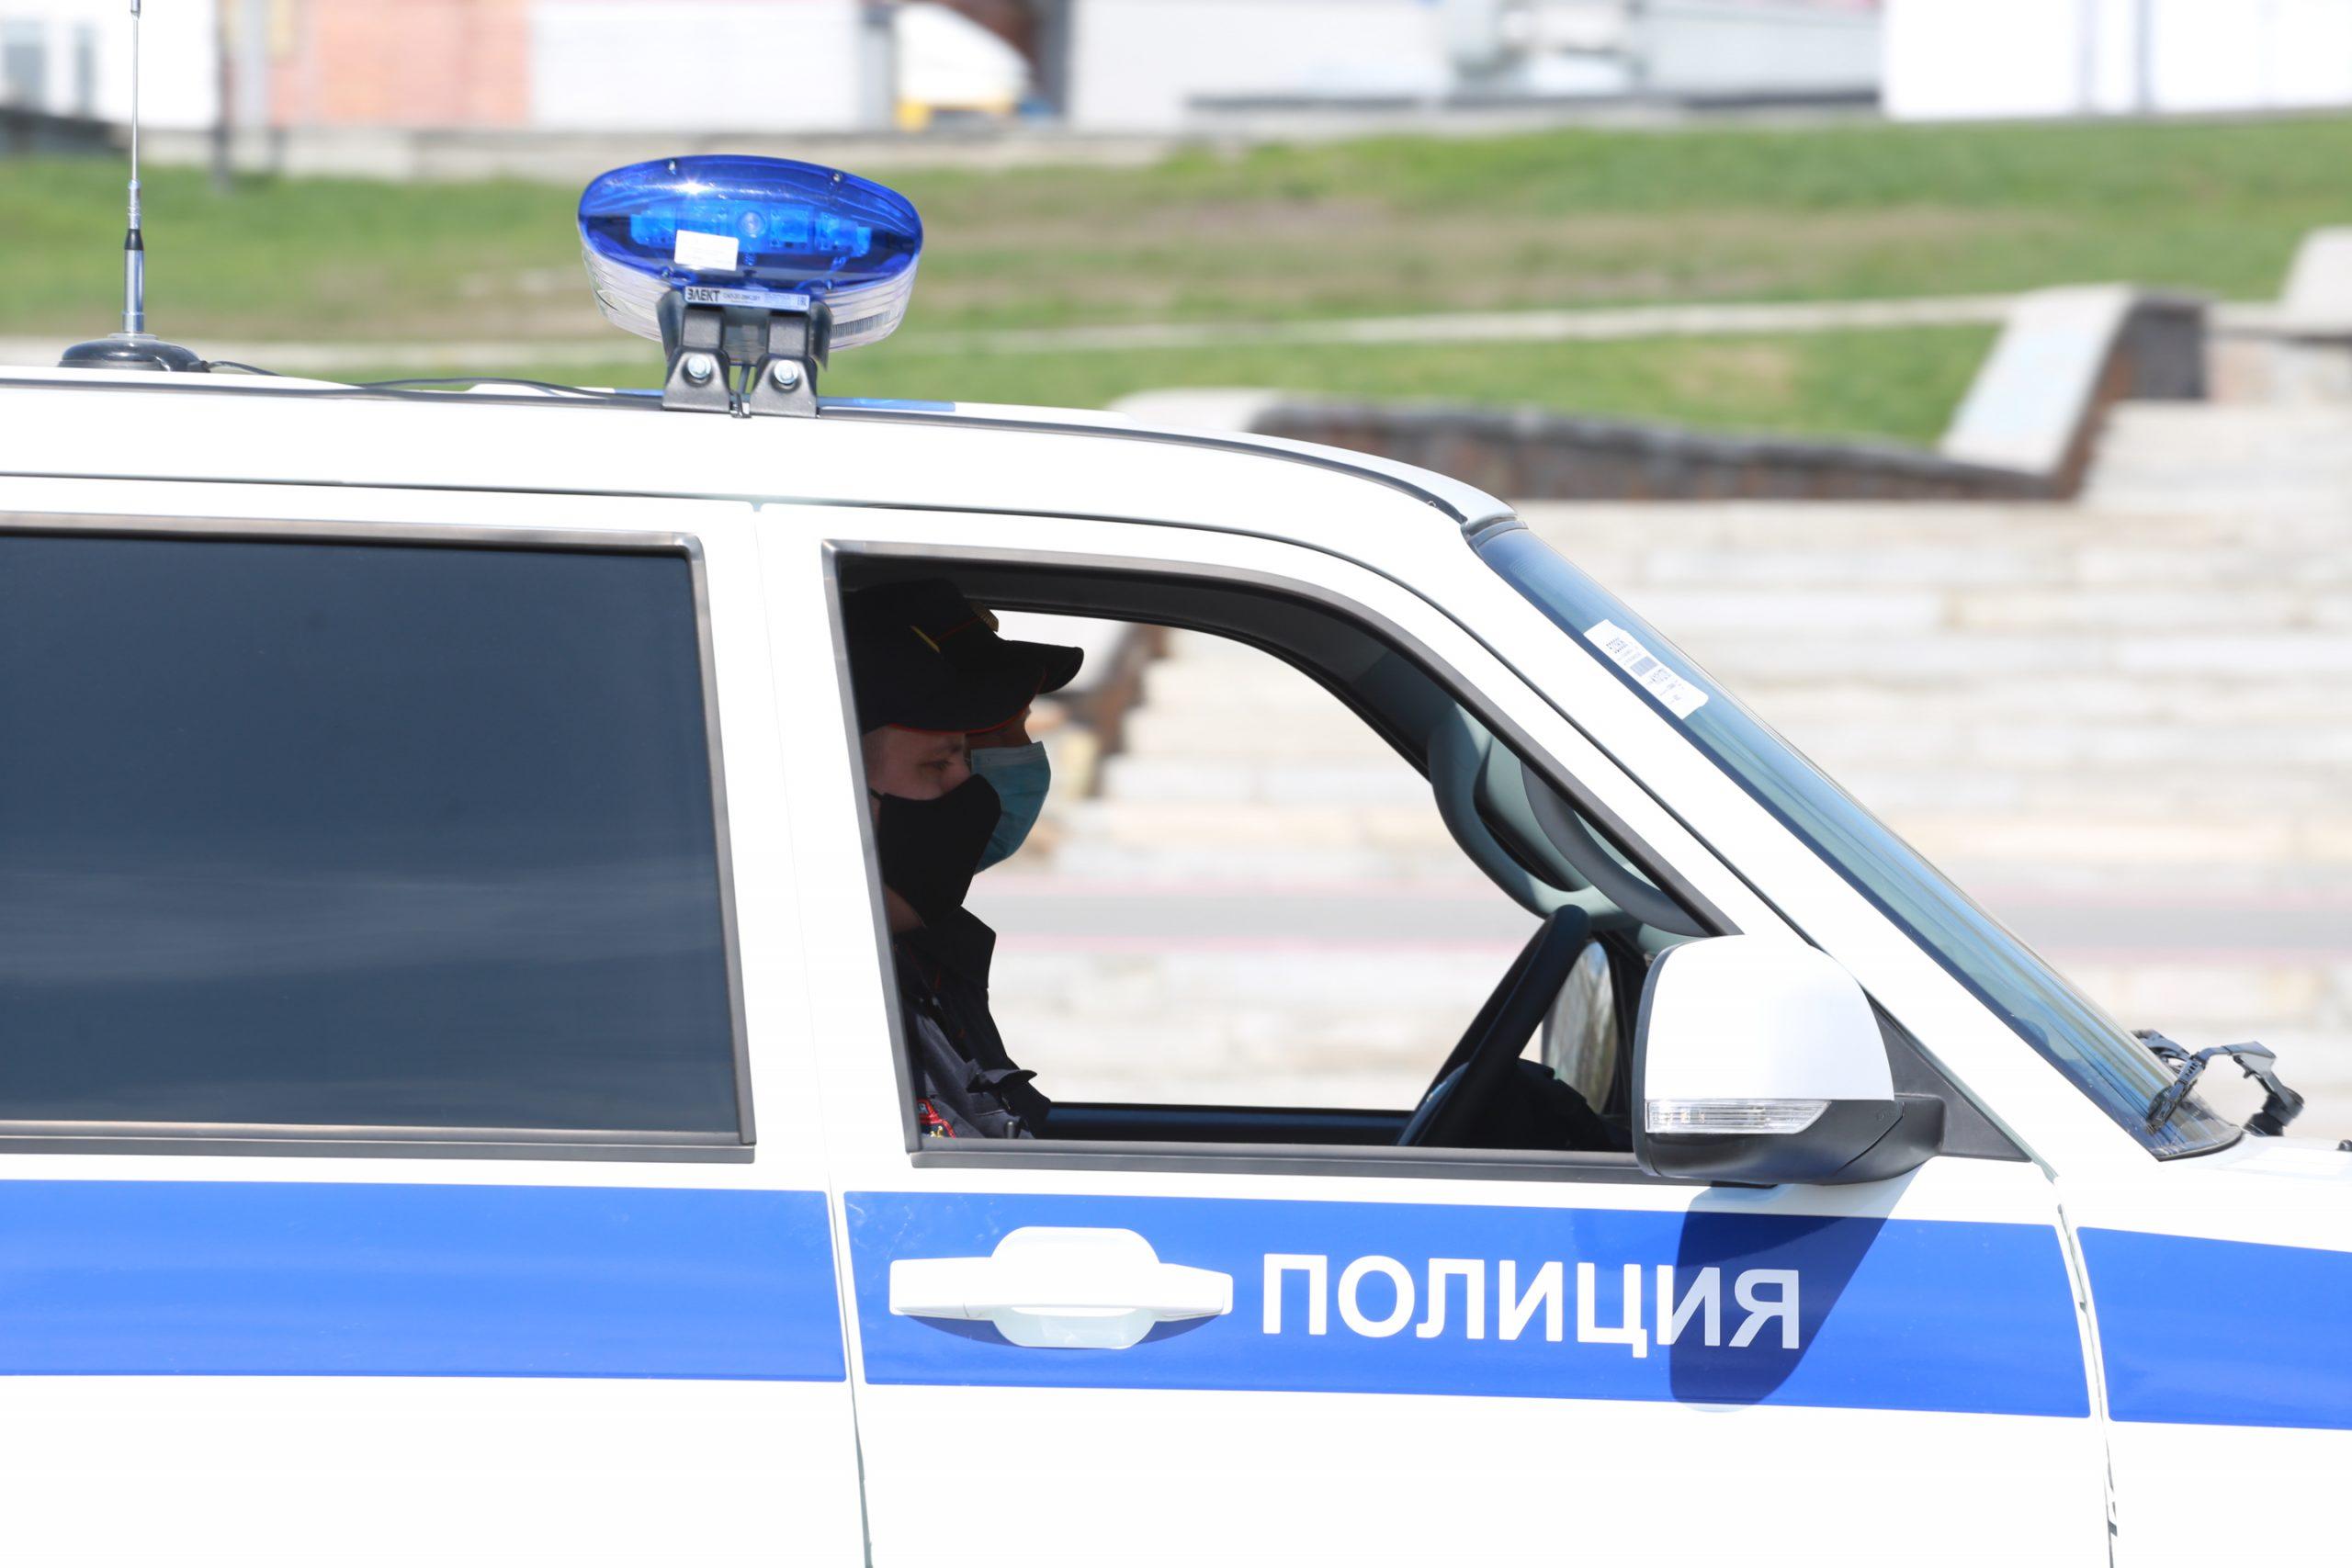 Дебошир из Томска избил полицейского в Новосибирске